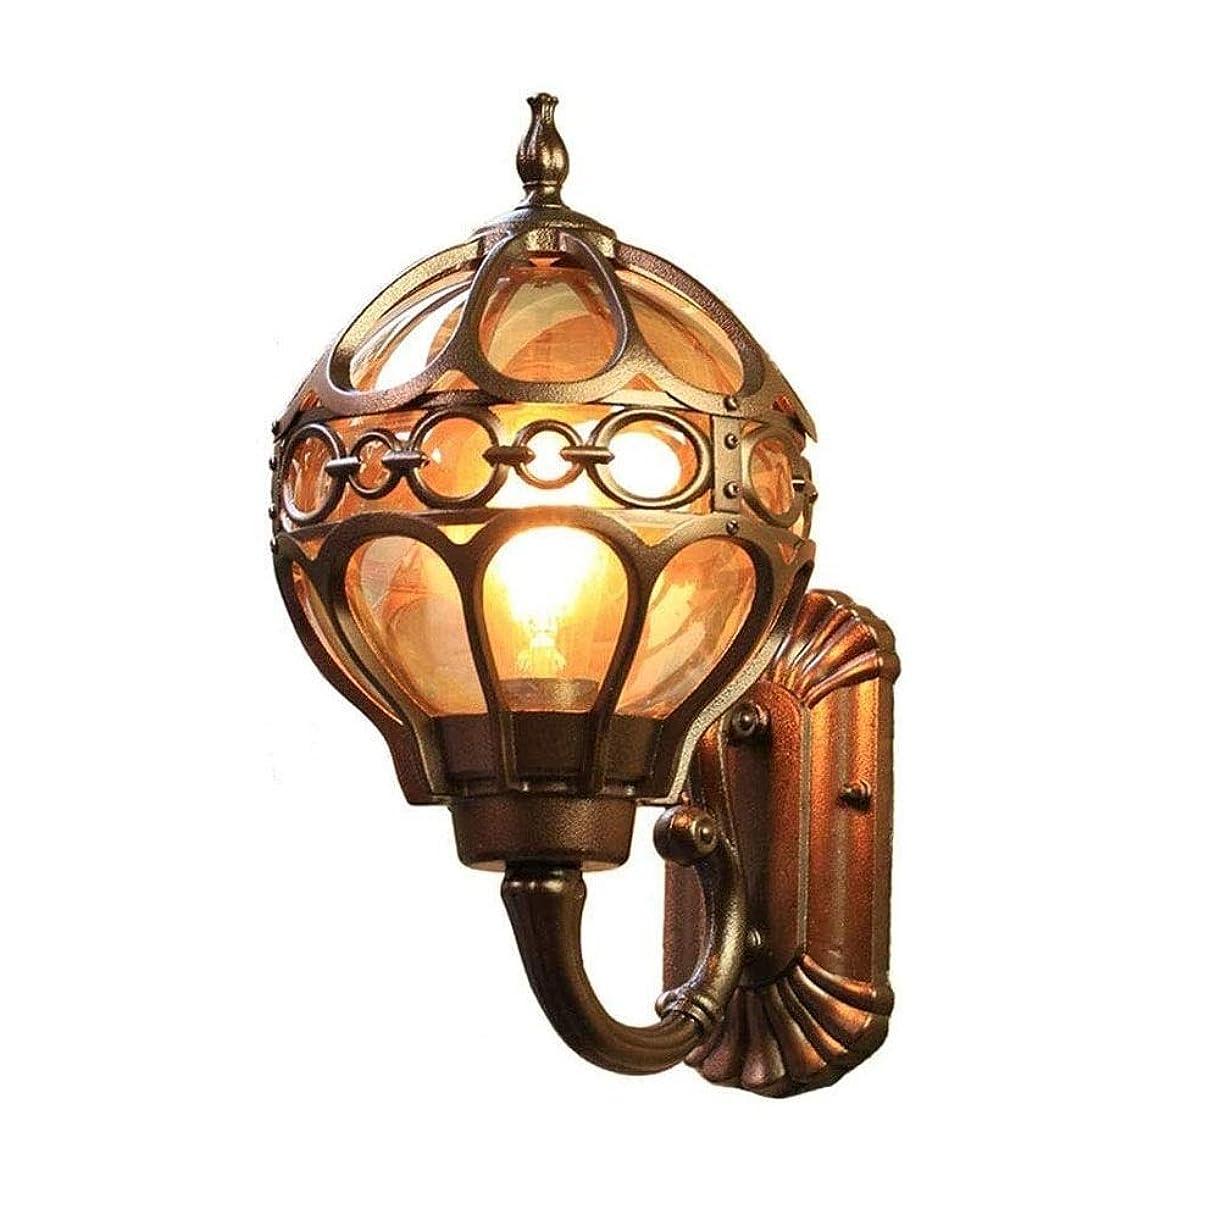 居住者おもてなし薬壁ランプ屋外ランプアンティークコーヒーゴールドラウンド防水IP54キャストアルミニウムとガラスの影屋外ランプレトロE27ガーデンランプハウスのエントランス庭ランプ屋外の壁ランプ